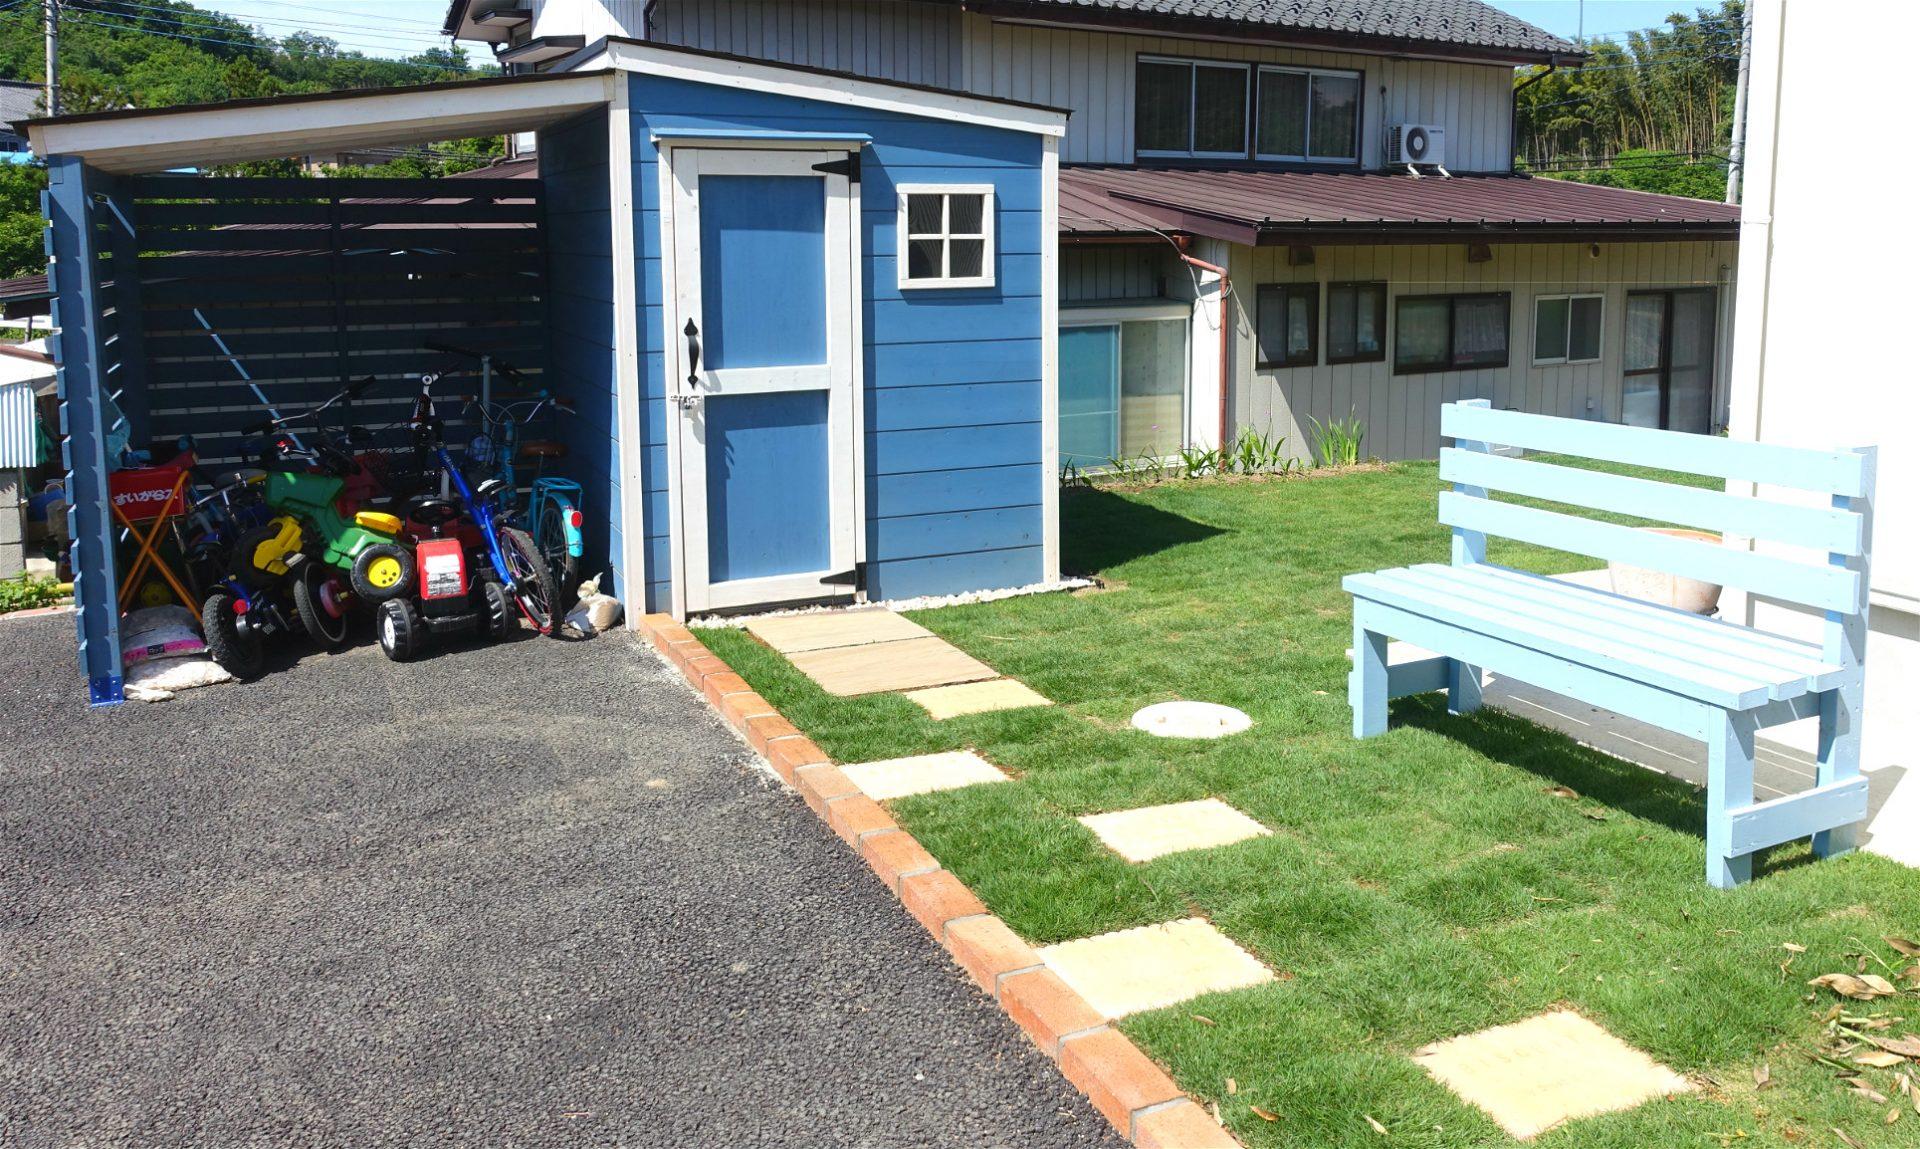 芝の庭が映えるオリジナル木製物置